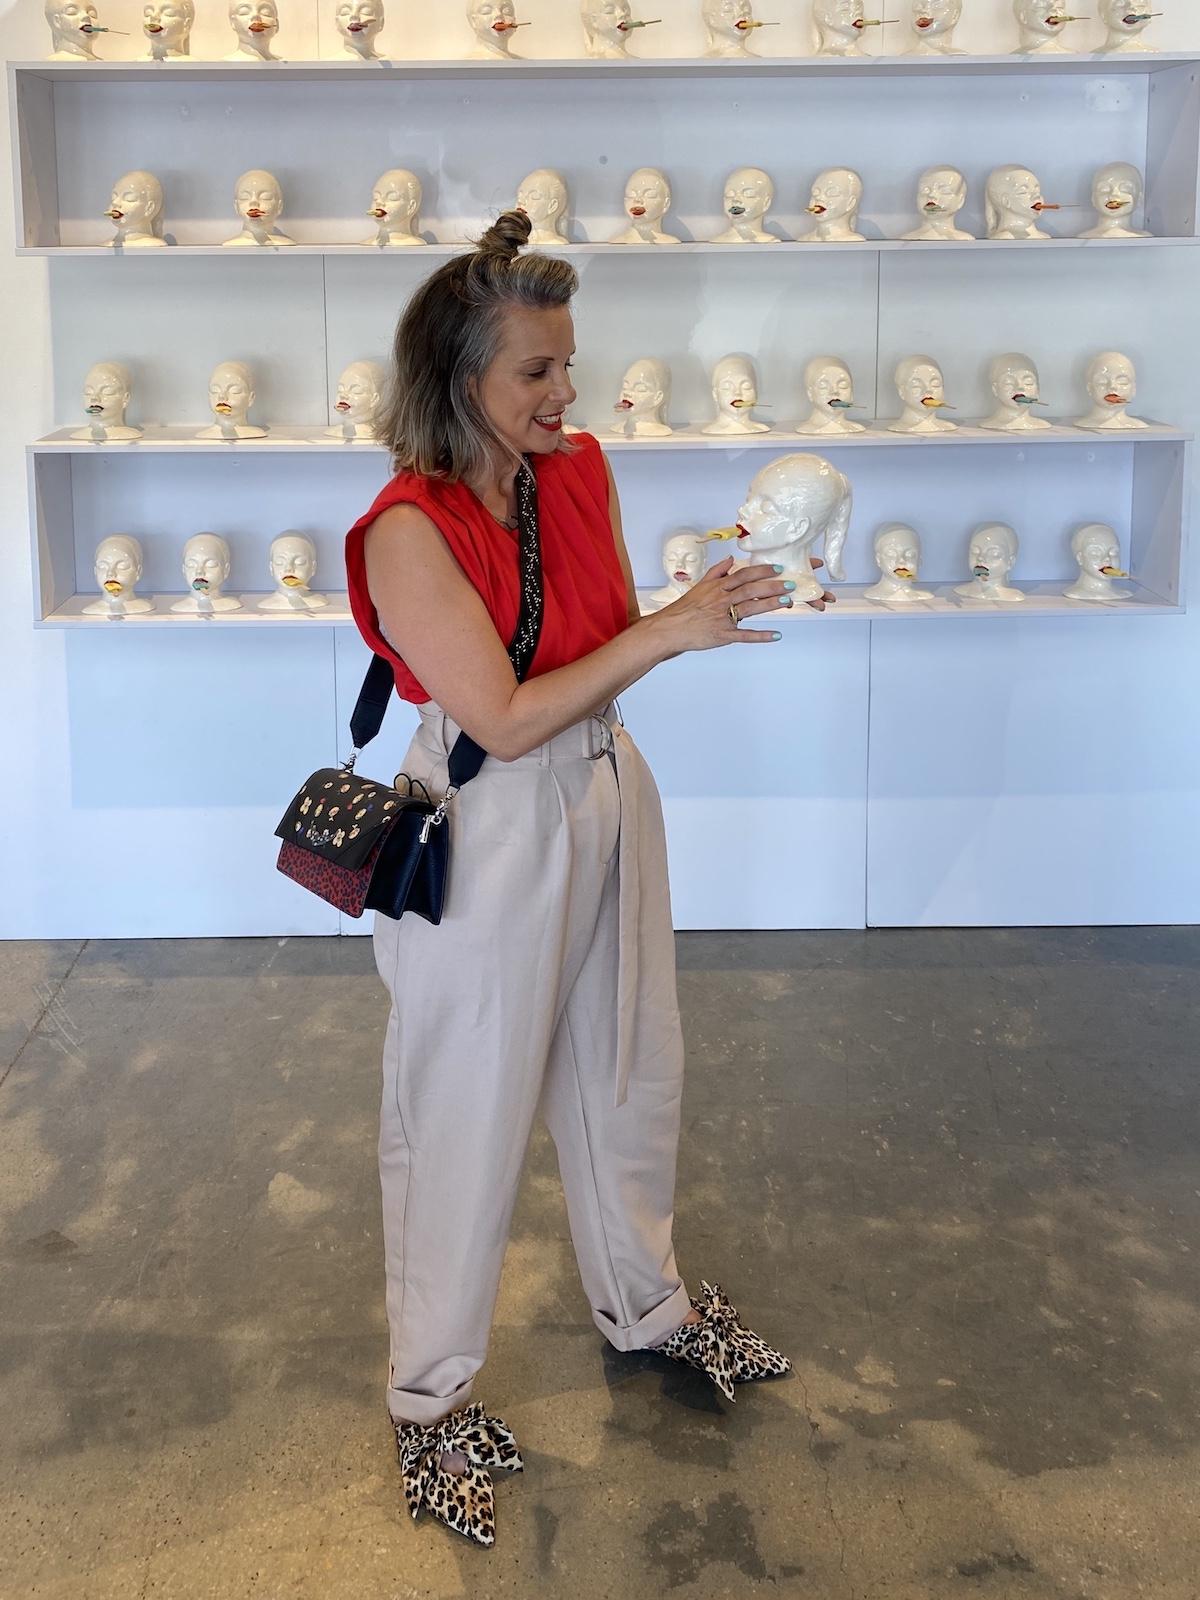 תערוכת אמנות ישראלית איידי דיזיין חיפה שירי ויצנר בלוג חיפאית 28